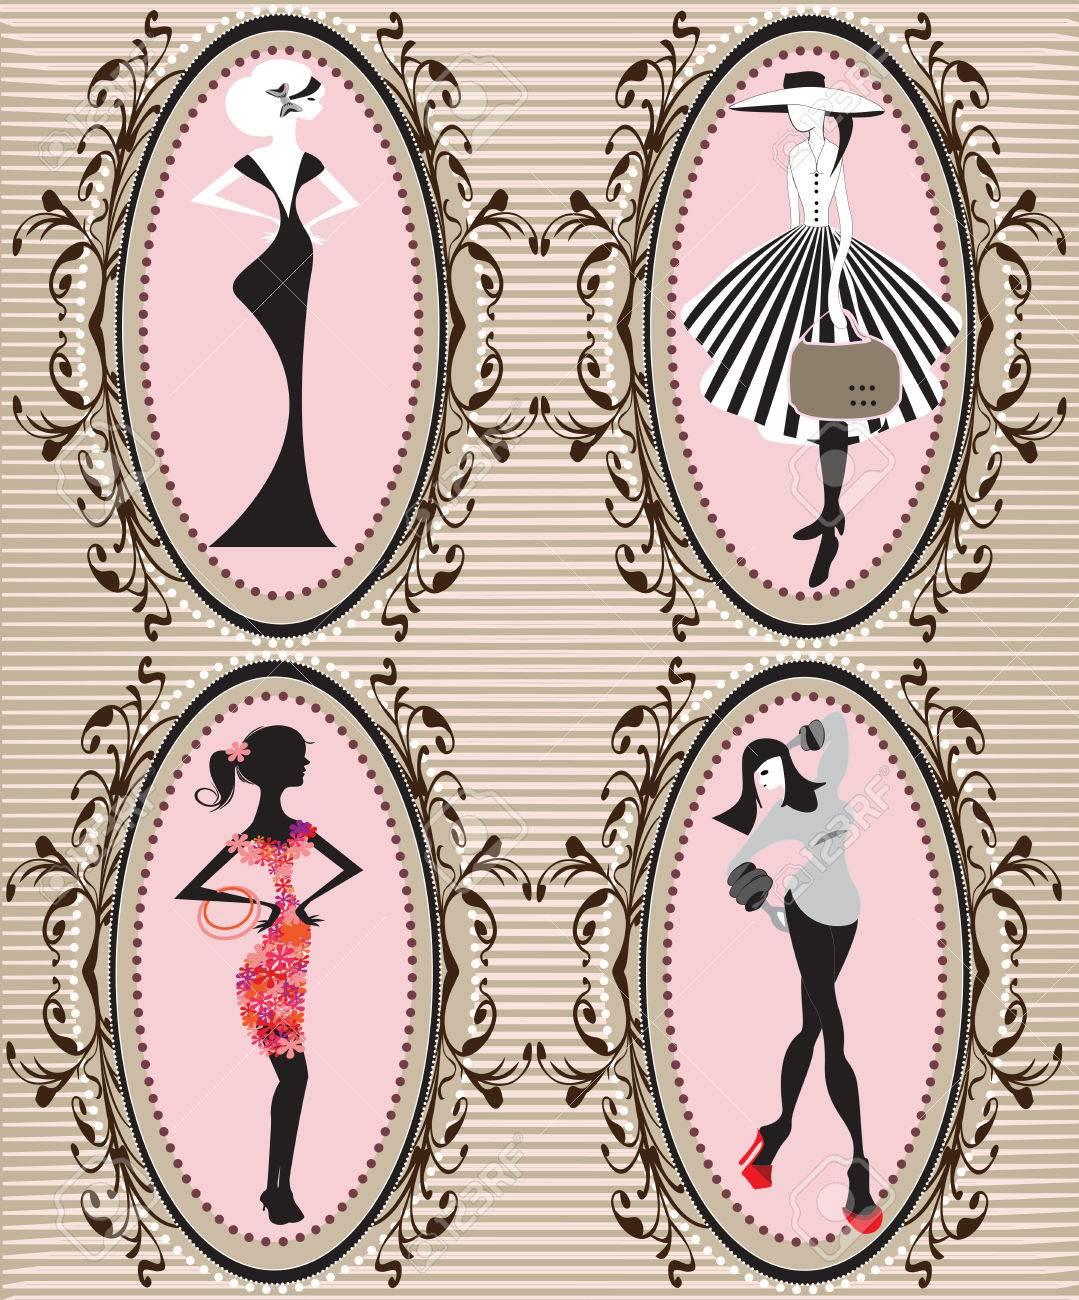 4892592e921a5 Conjunto de cuatro (4) marcos rectangulares de época con elegante diseño  floral abstracto retro